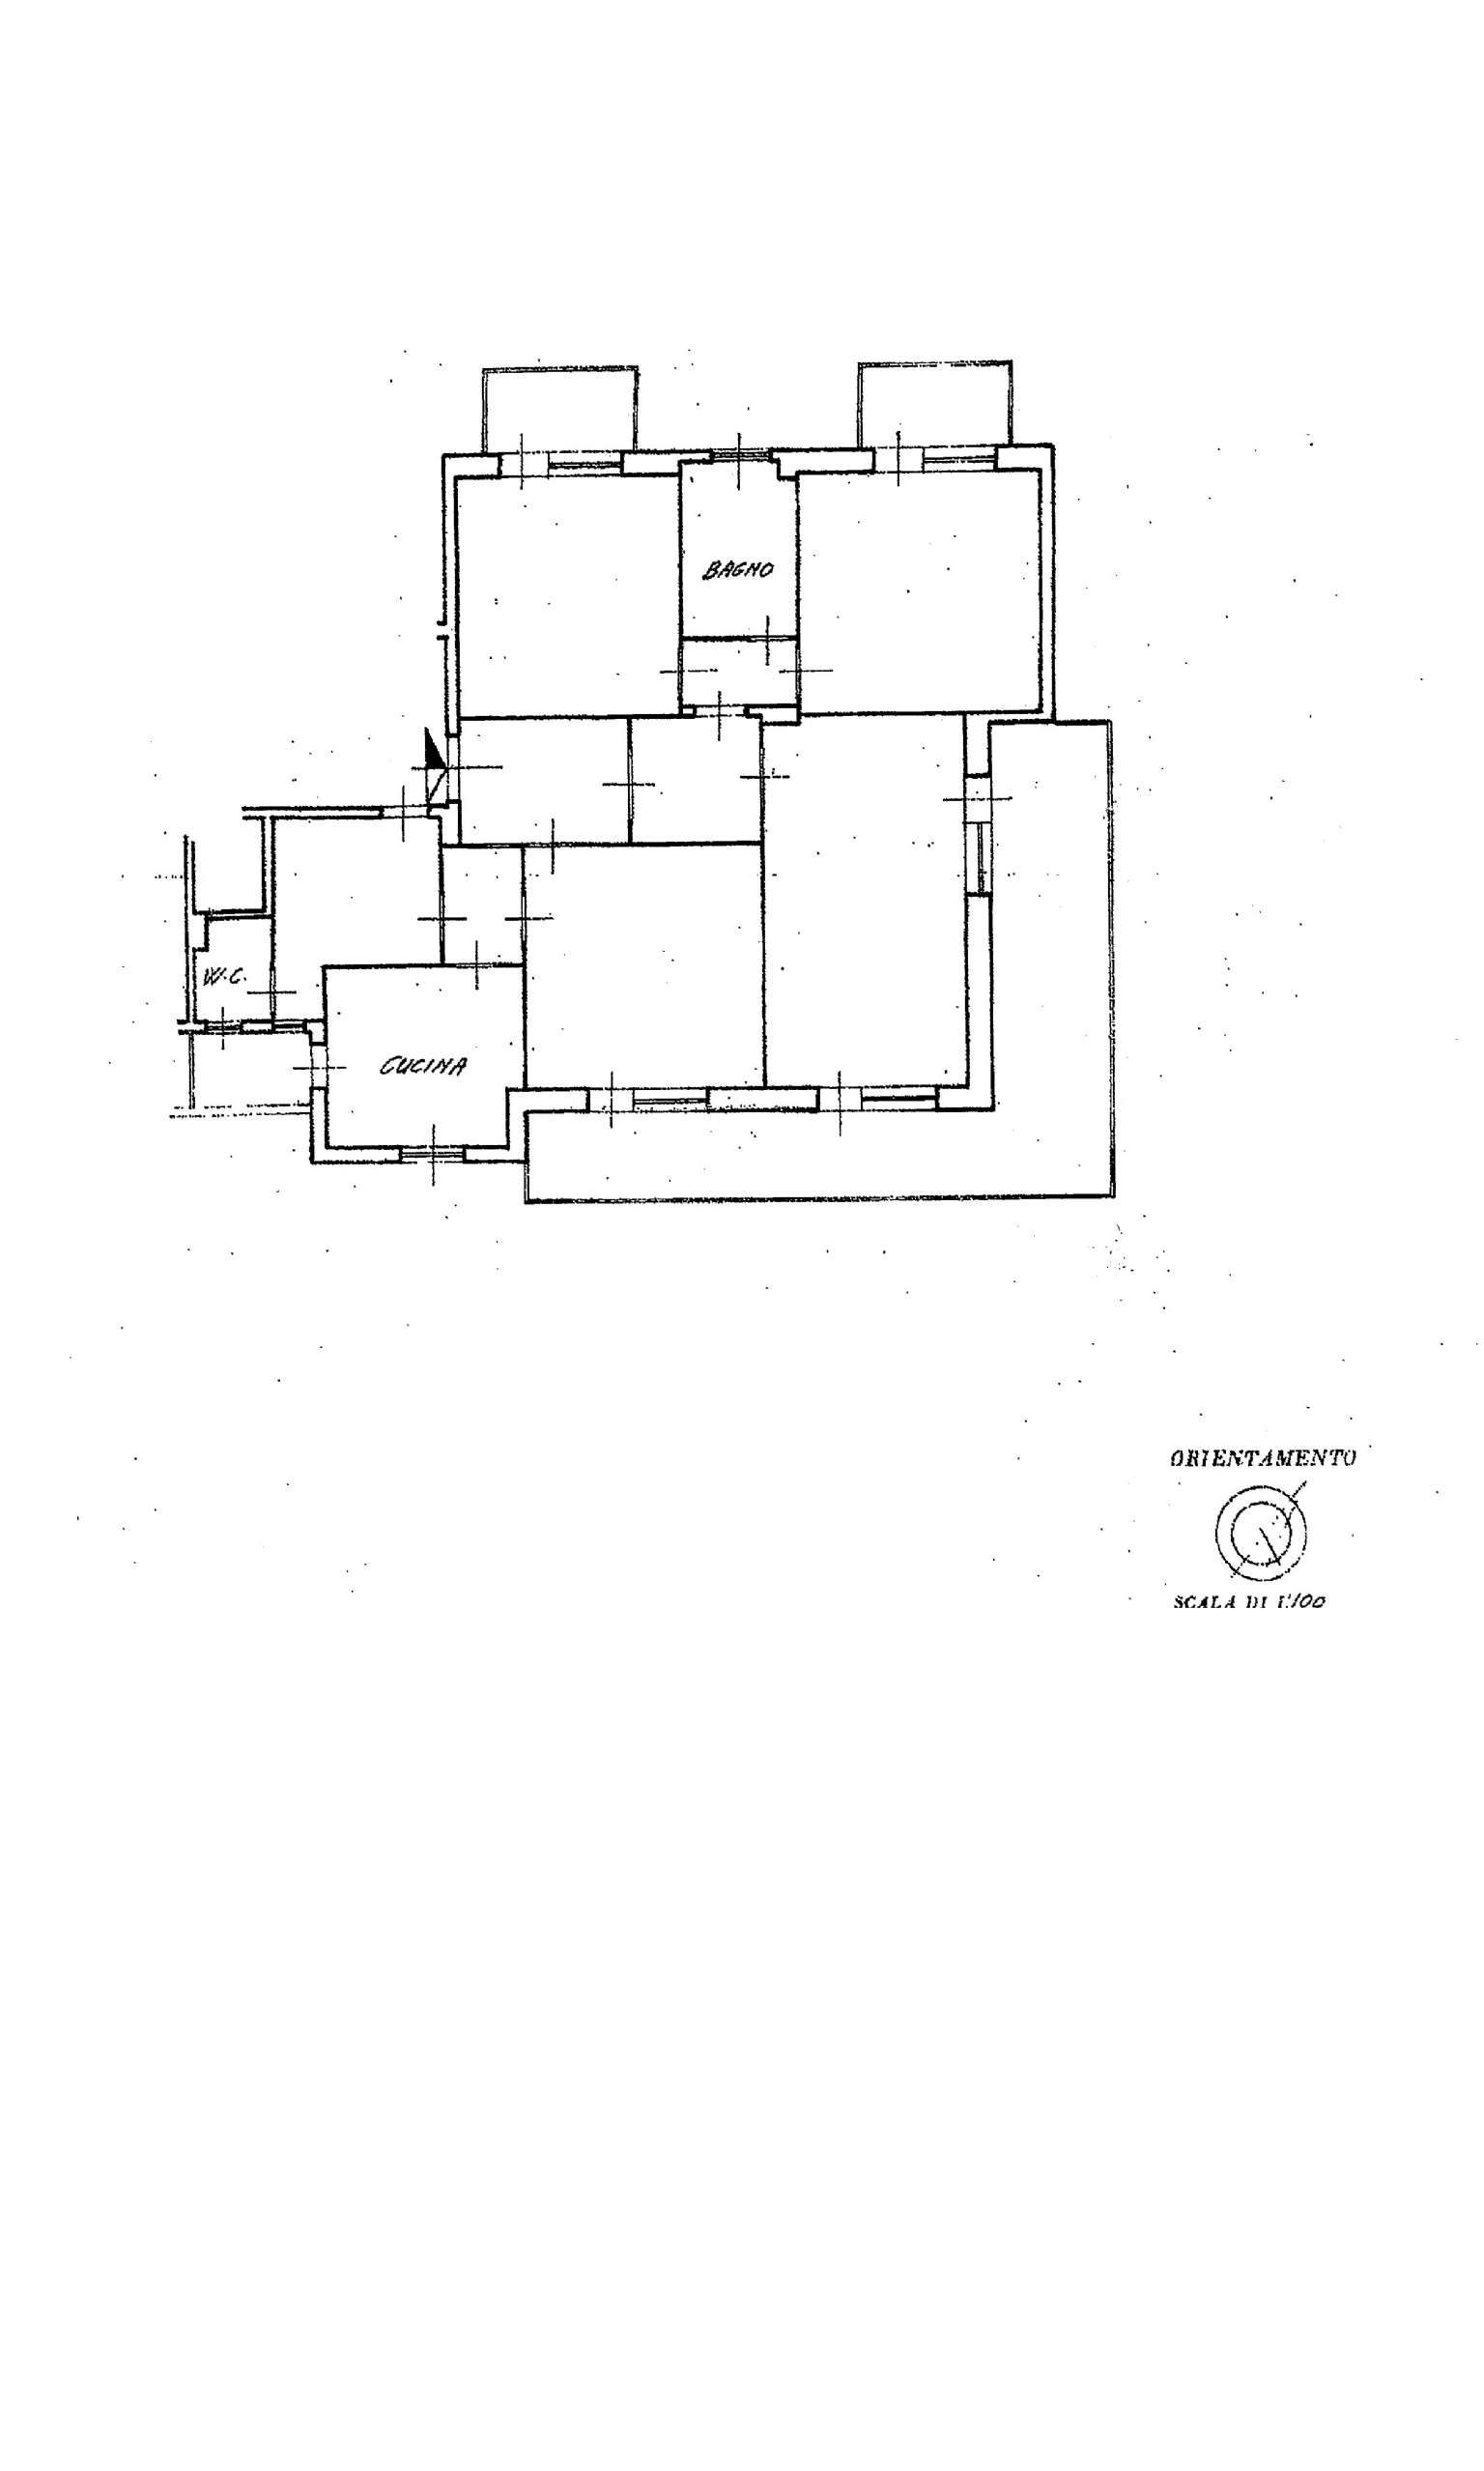 Appartamento in vendita a Roma, 5 locali, zona Zona: 22 . Eur - Torrino - Spinaceto, prezzo € 405.000 | CambioCasa.it